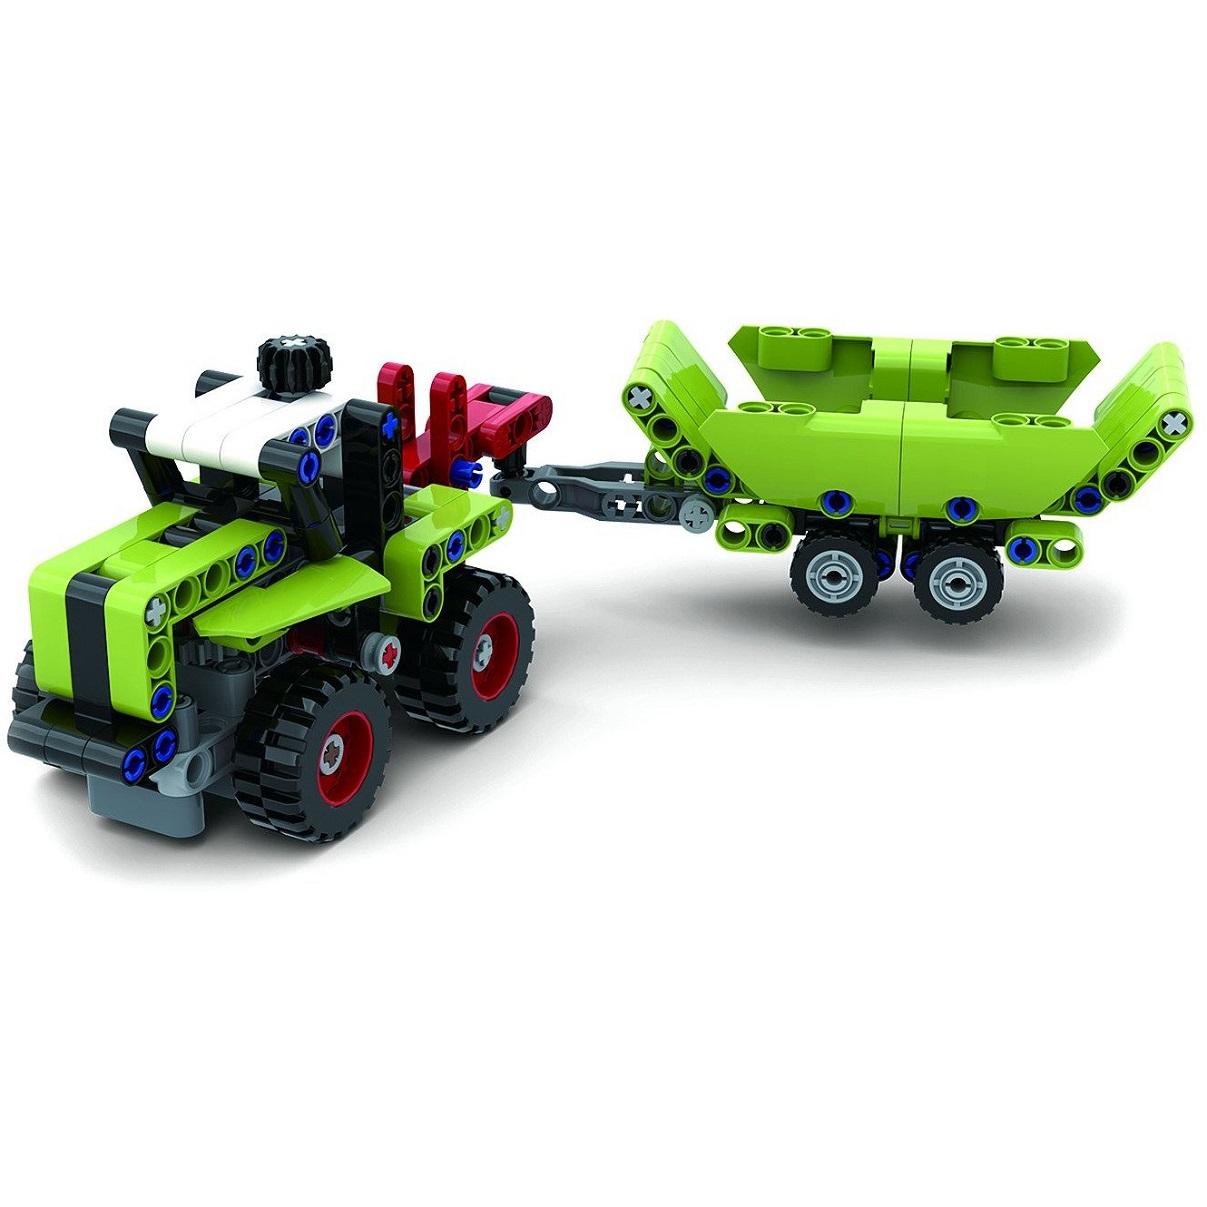 Tractorpulling?